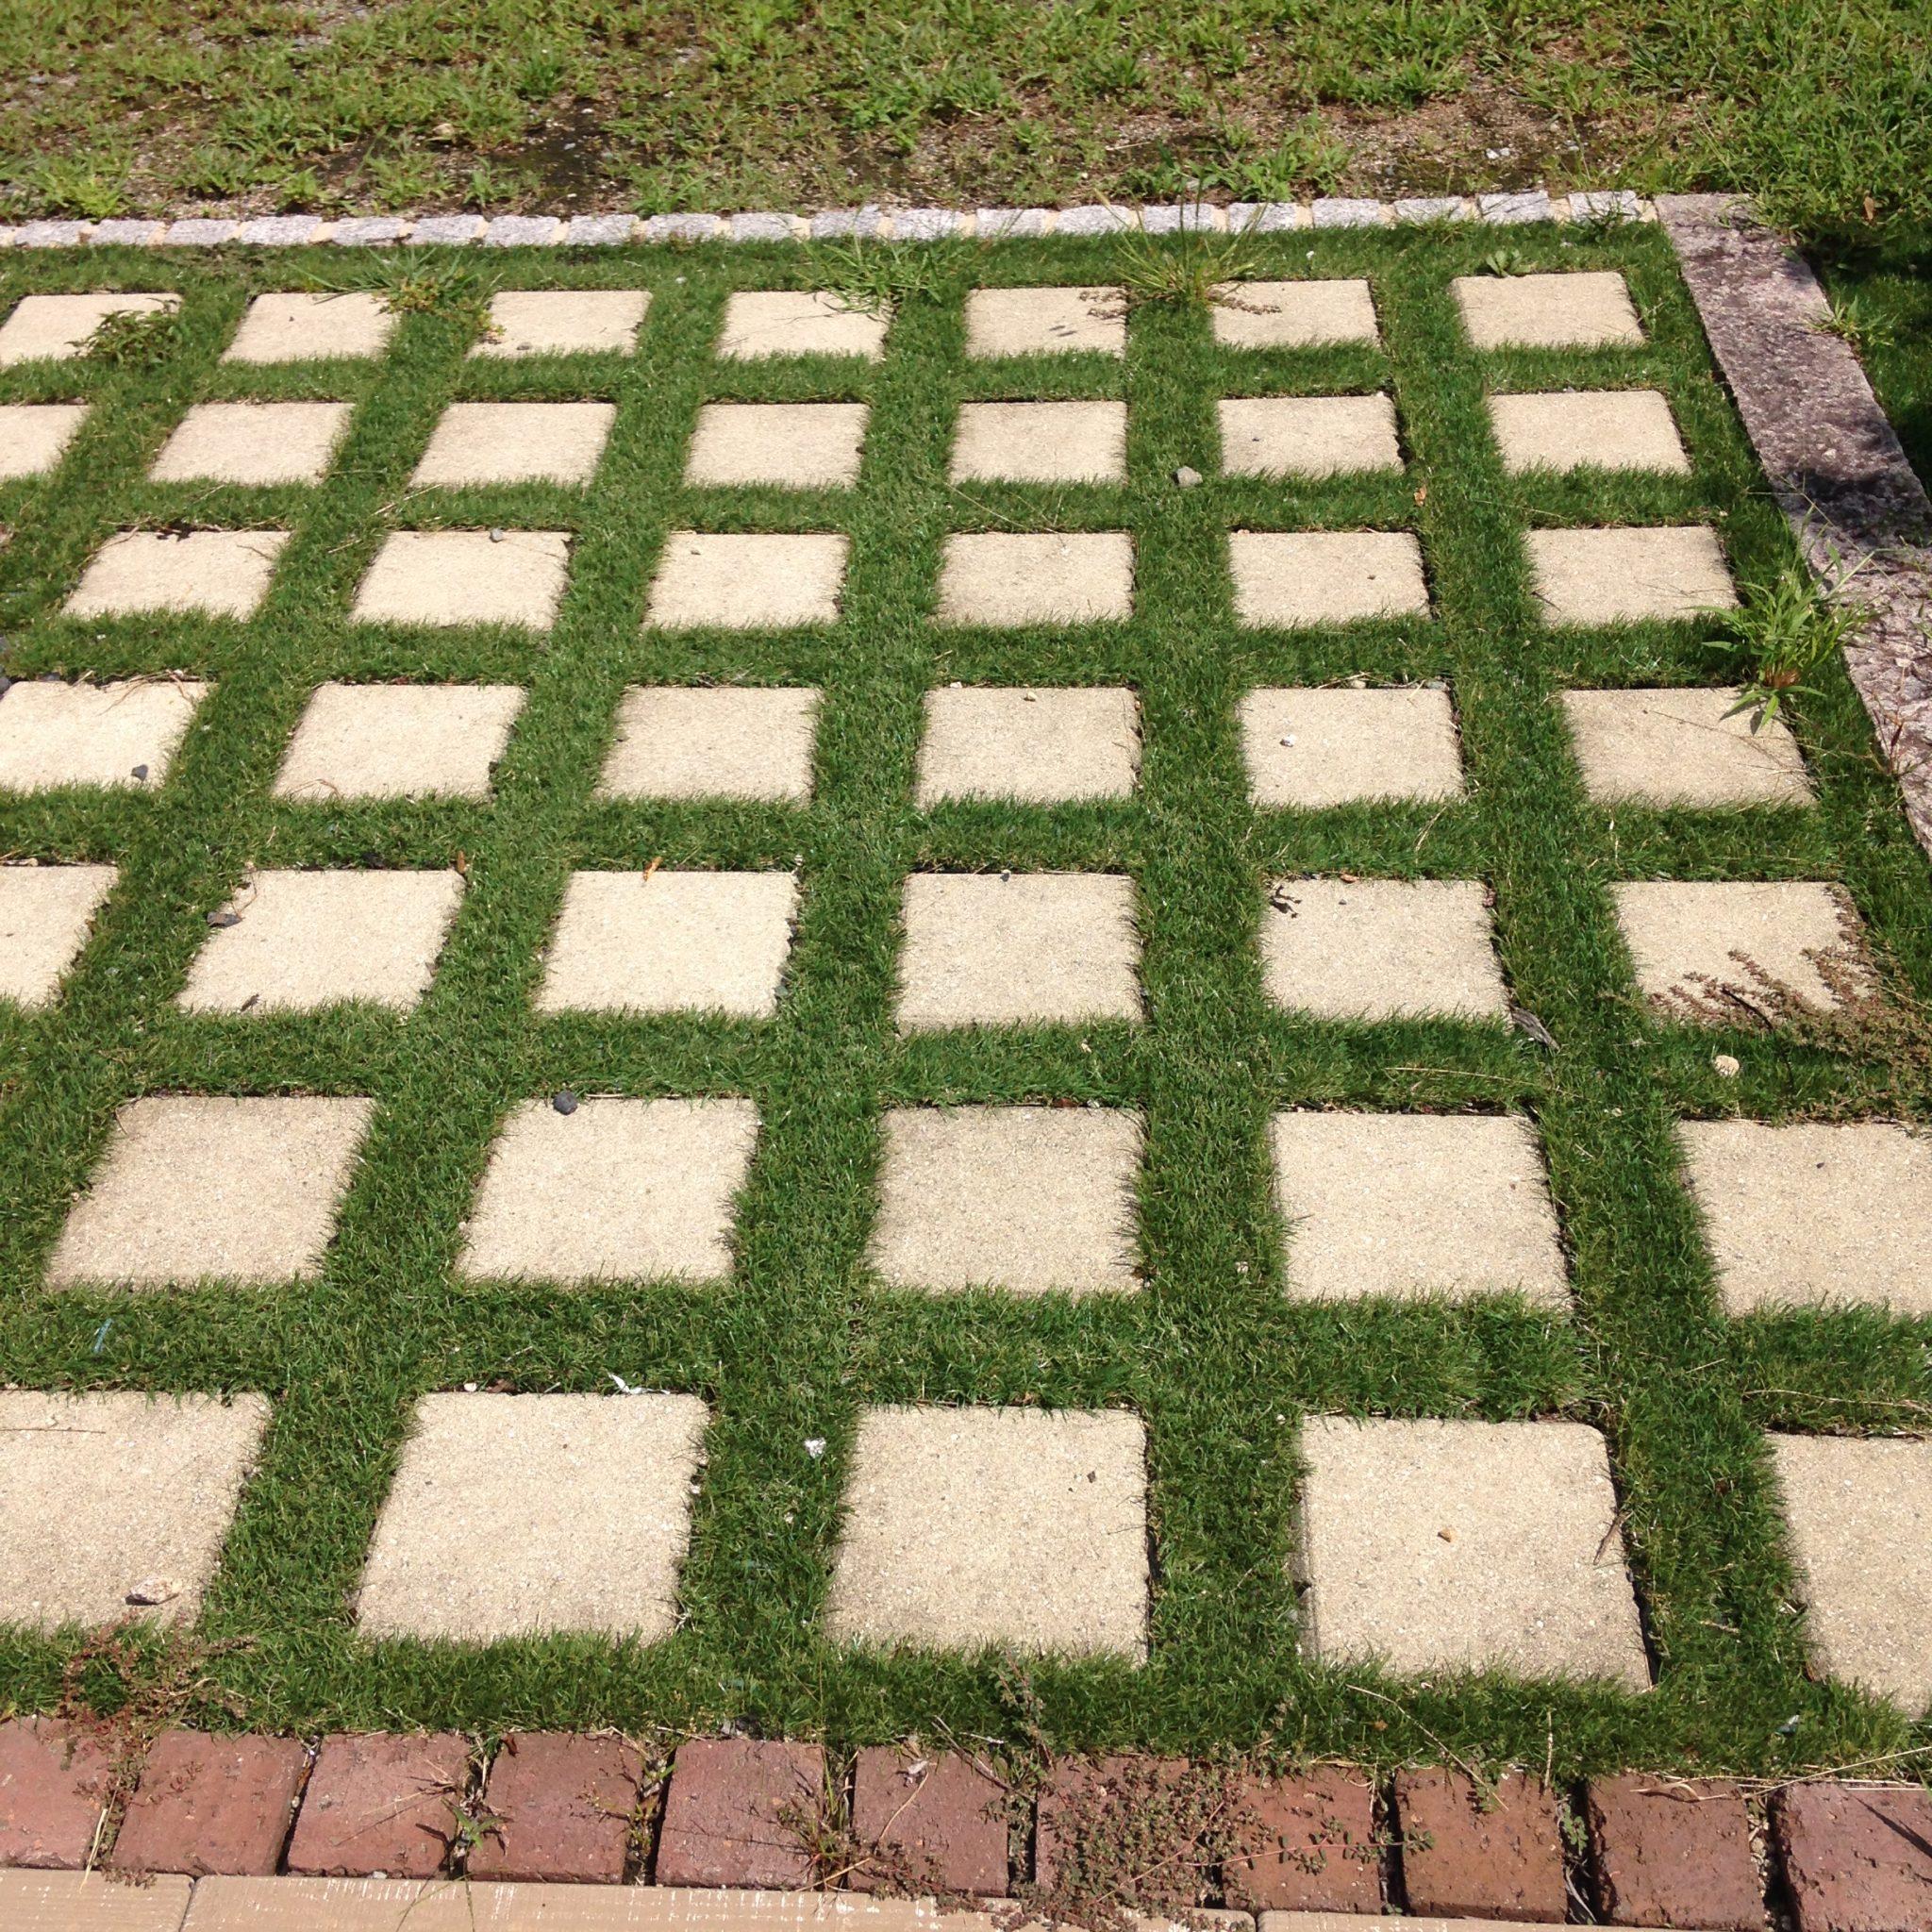 緑化ブロック画像